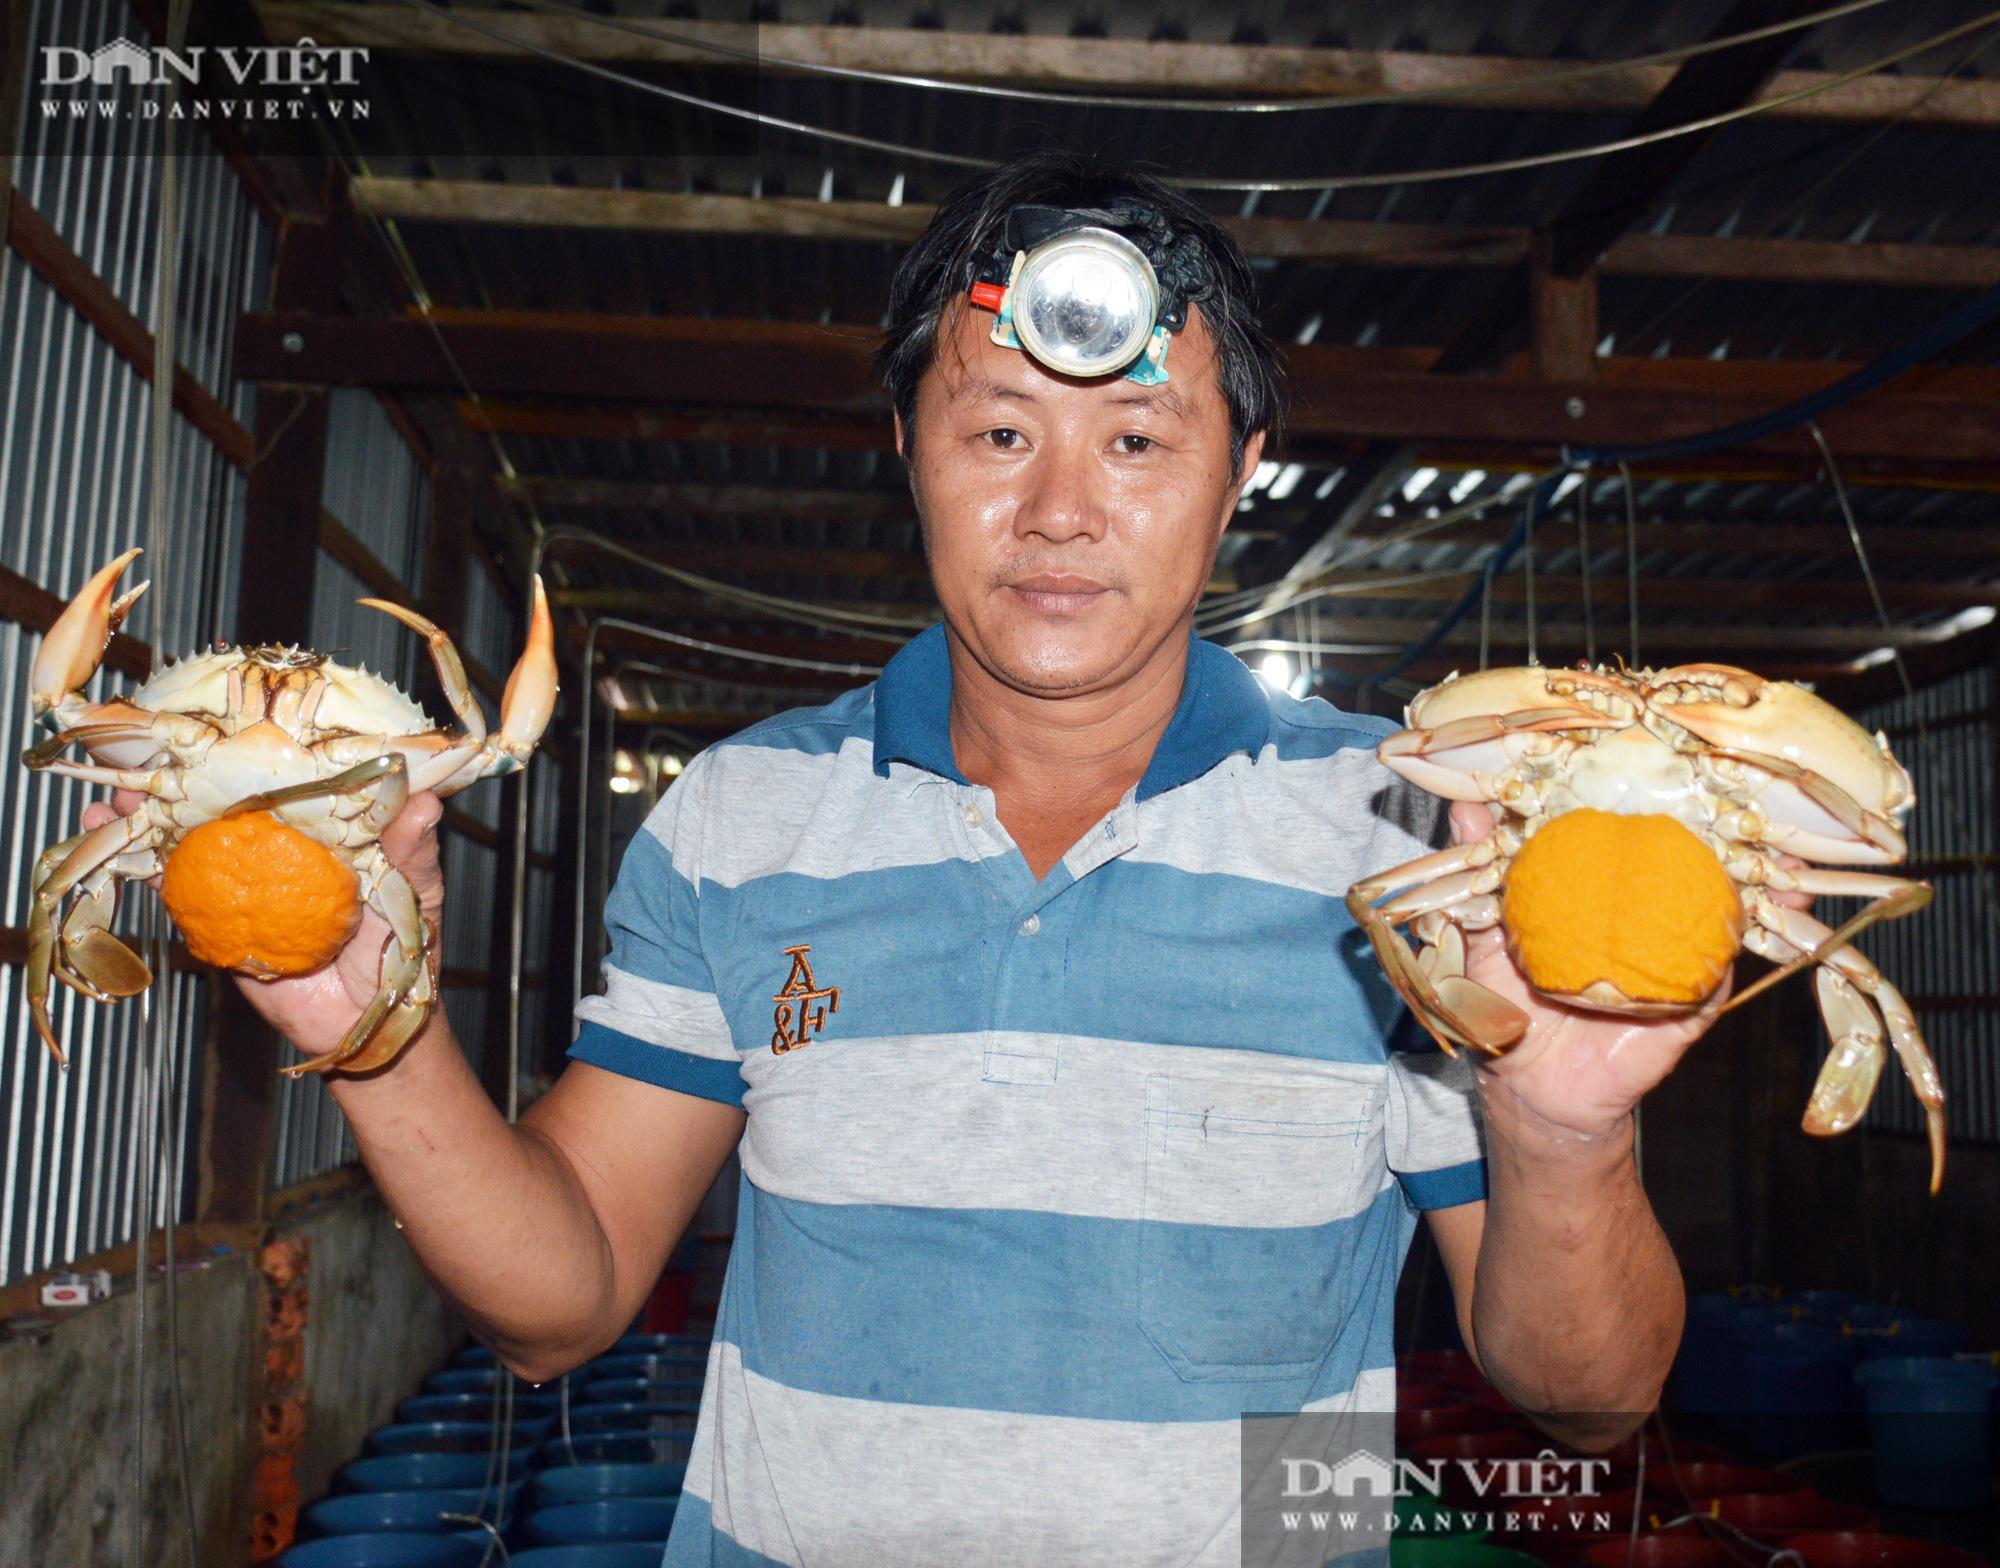 """Nuôi tôm hung dữ, bắt cá leo cây, và cơ man đặc sản """"độc, lạ"""" ở tỉnh Cà Mau, nhìn thôi đã thấy thèm Logo-logo-3-1601050516508532279312"""